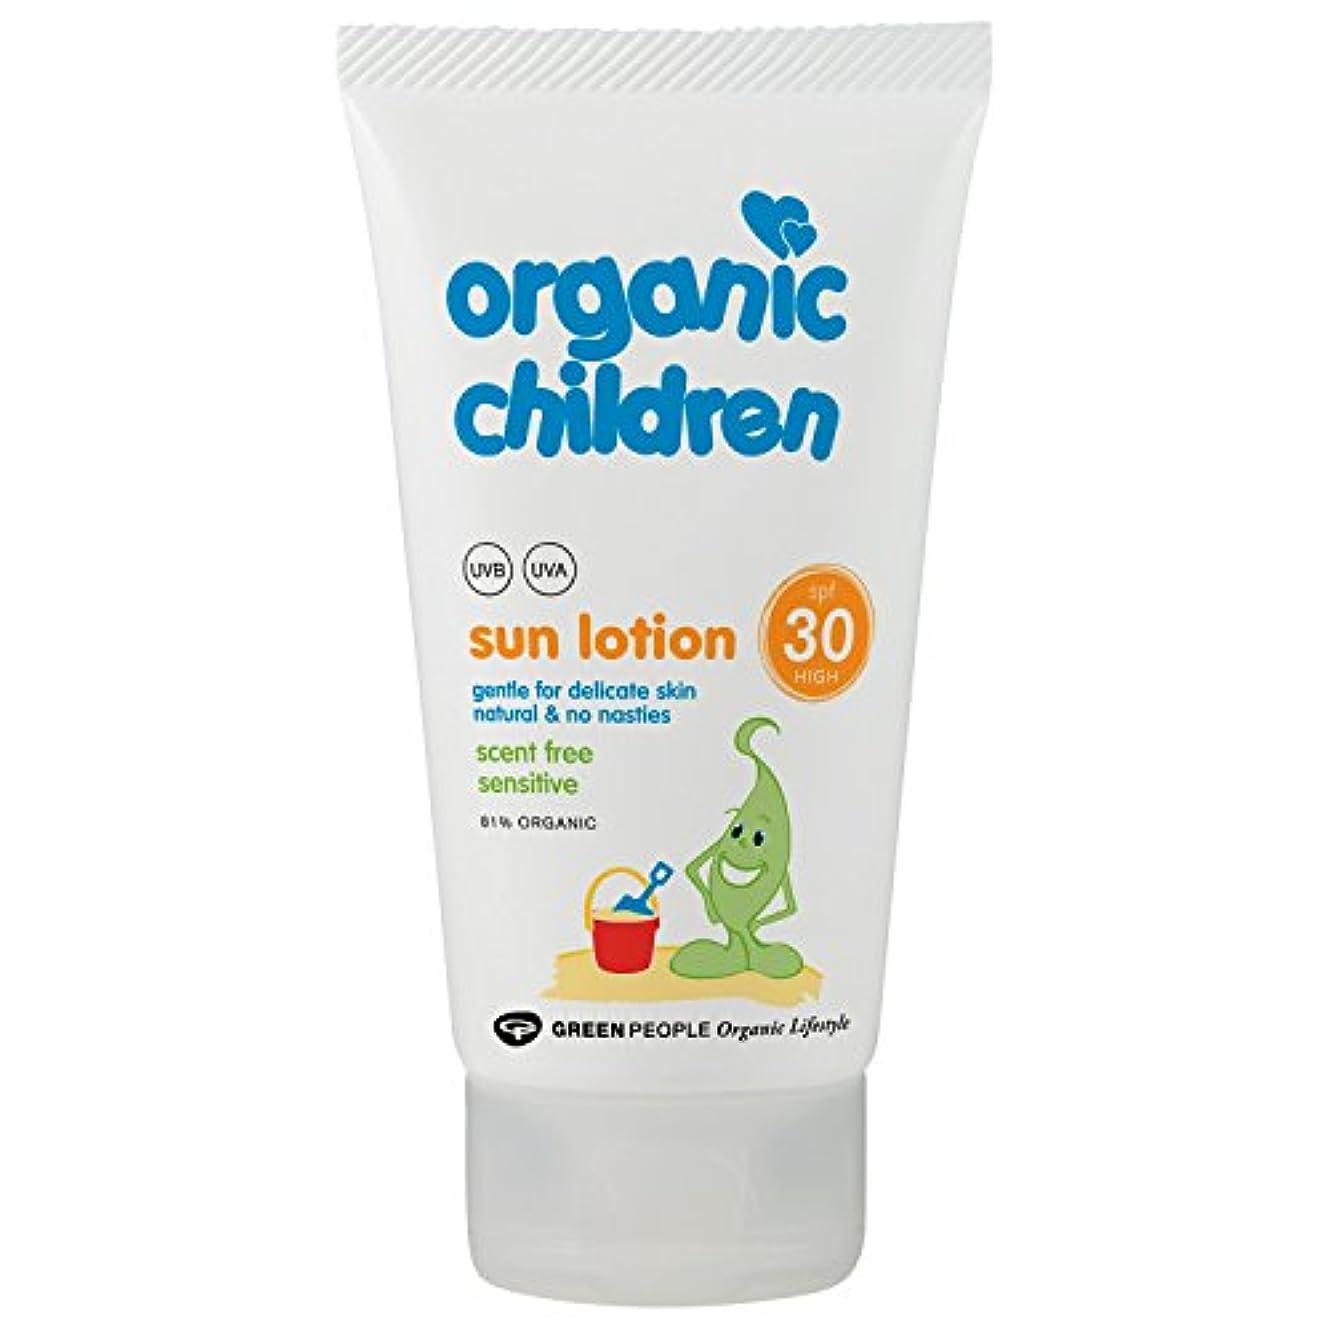 再び抱擁高く有機子どもたちは30日のローション150グラムを x4 - Organic Children SPF 30 Sun Lotion 150g (Pack of 4) [並行輸入品]